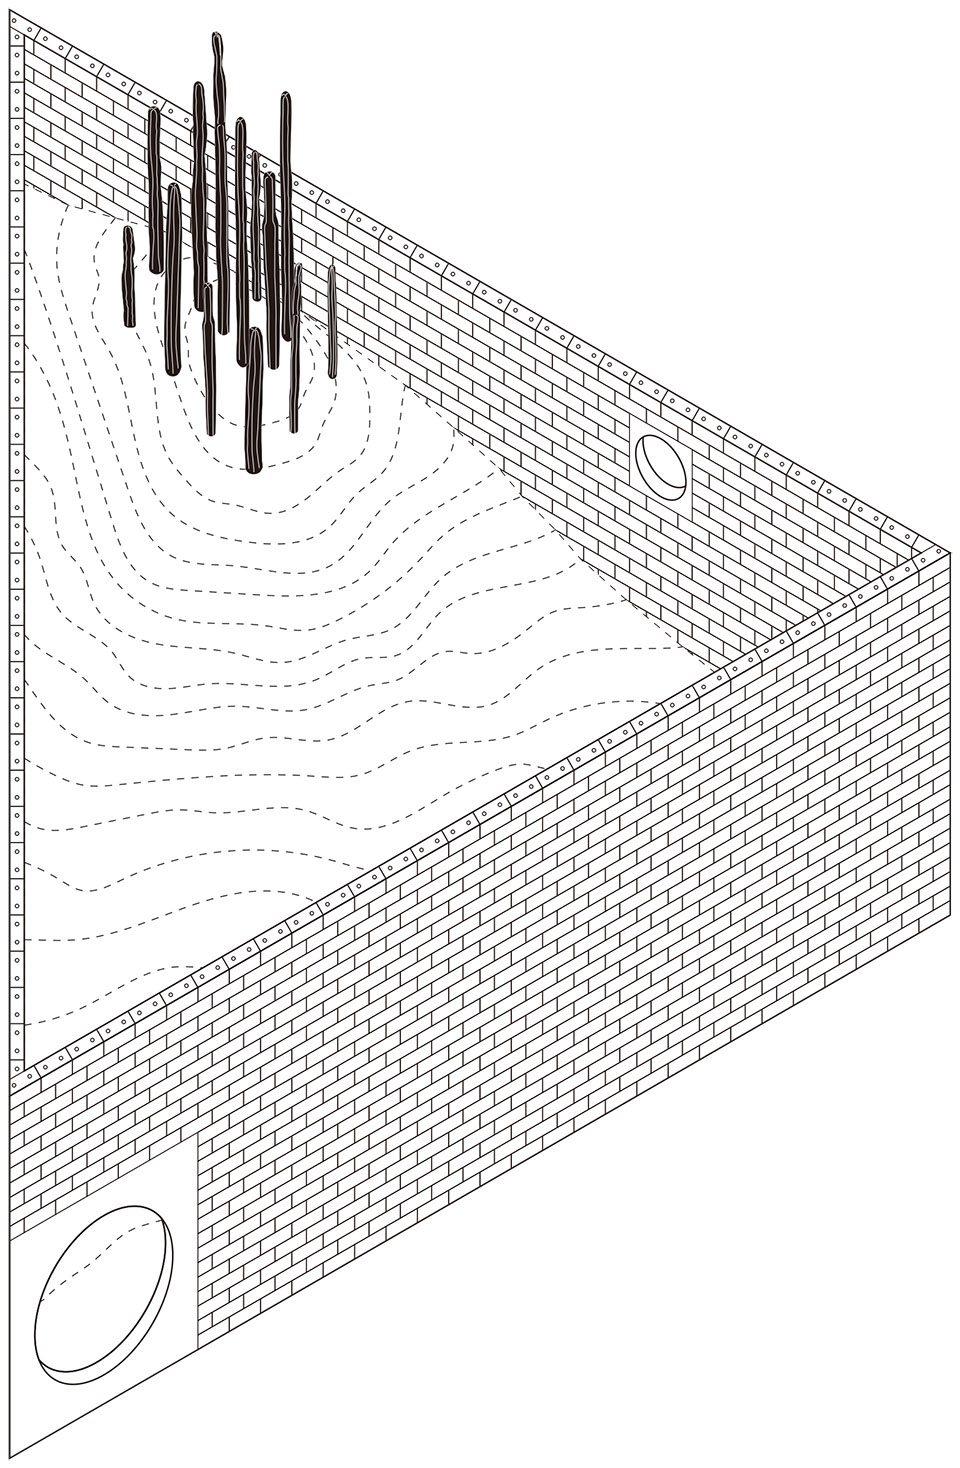 009-A-ROOM-By-Salottobuono-Enrico-Dusi-Architecture-960x1468